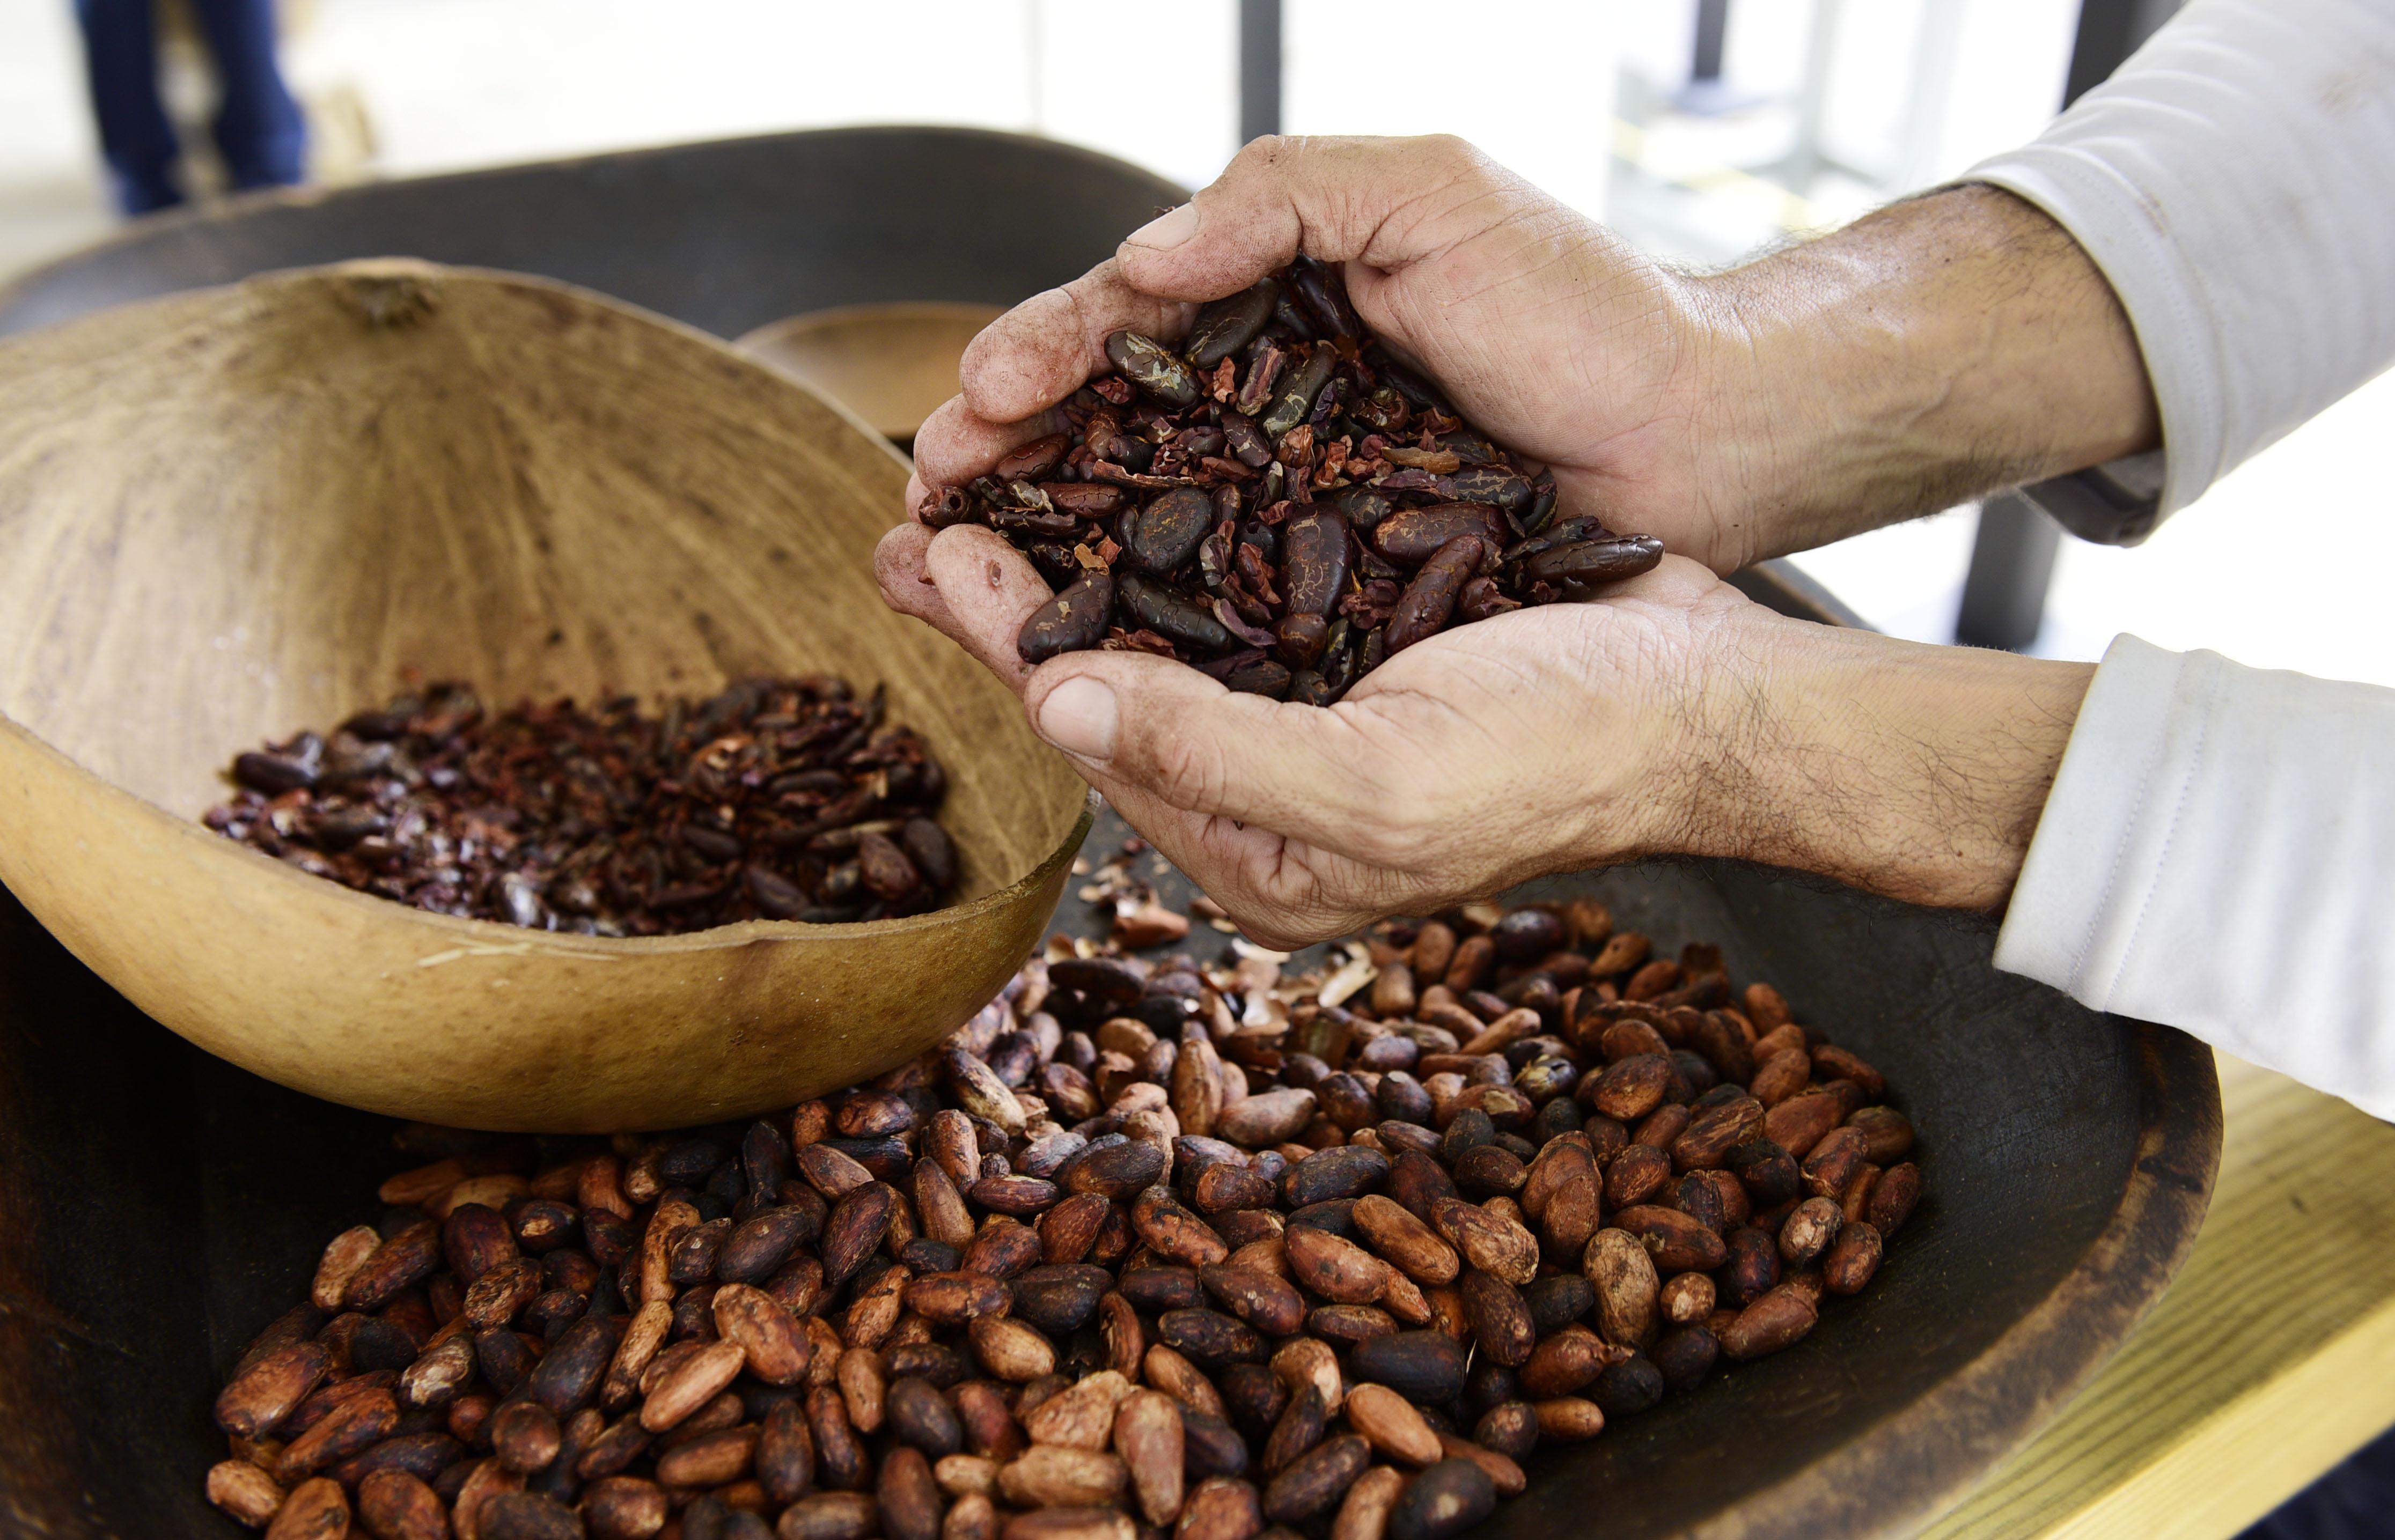 Buscan descubrir el cacao